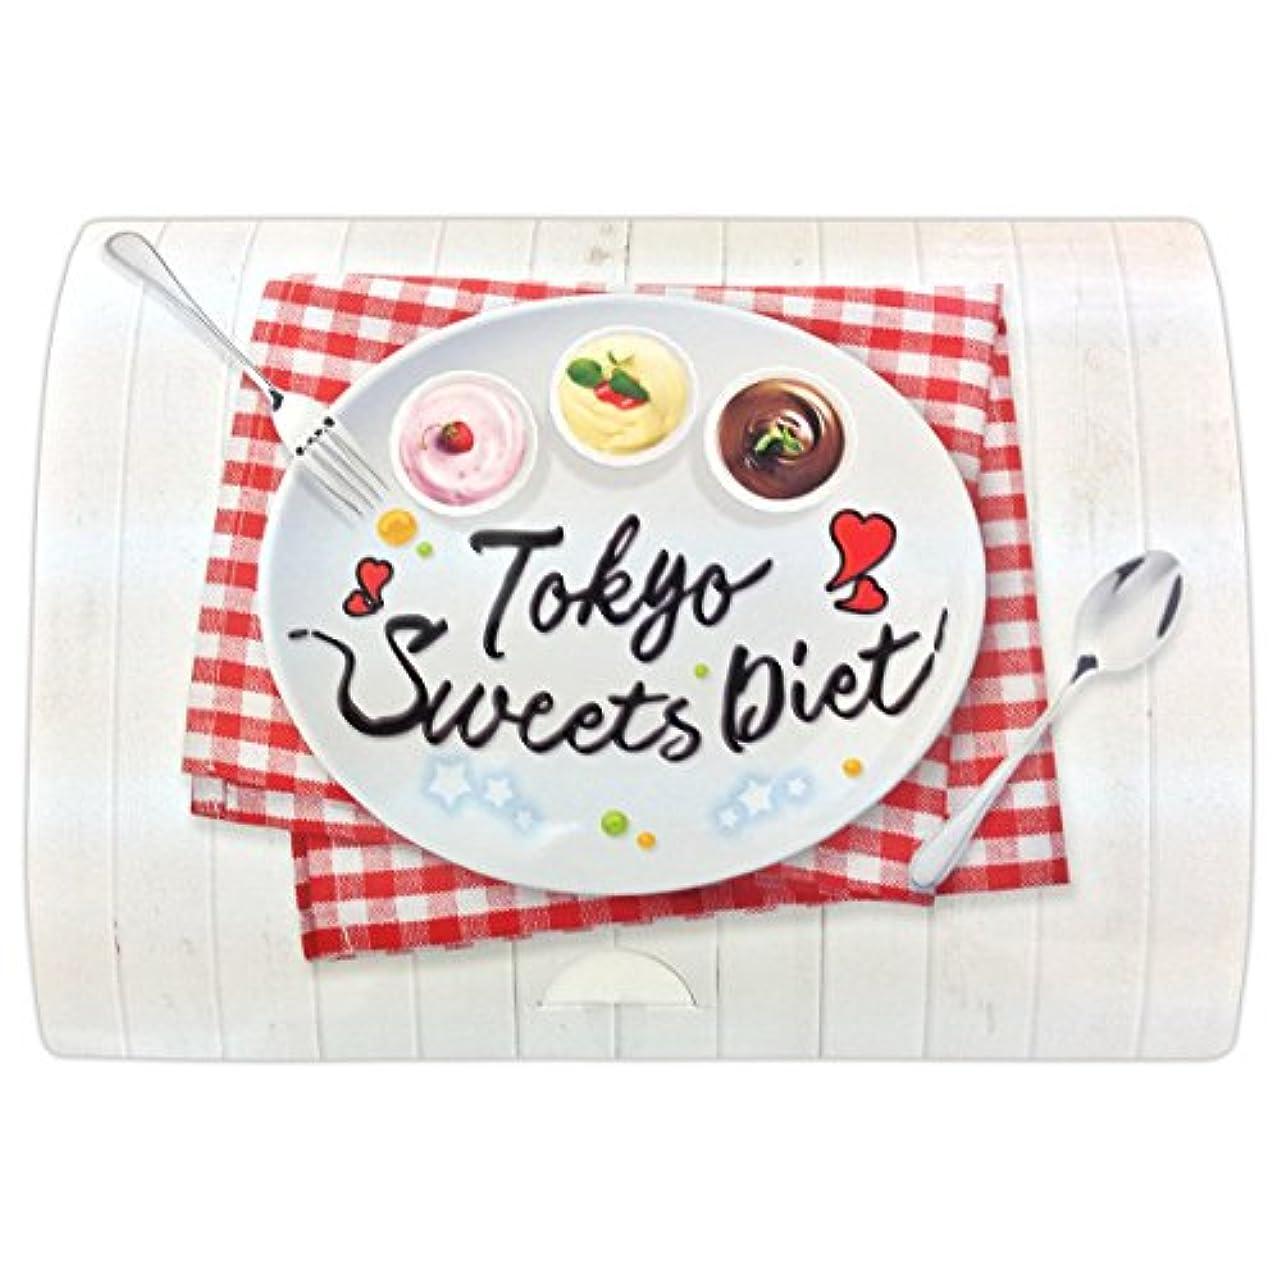 不明瞭ほのめかす余暇IDEA TOKYOスイーツダイエット 置き換えダイエットスイーツ 15食(1包:15g) ストロベリー味 チョコレート味 プリン味